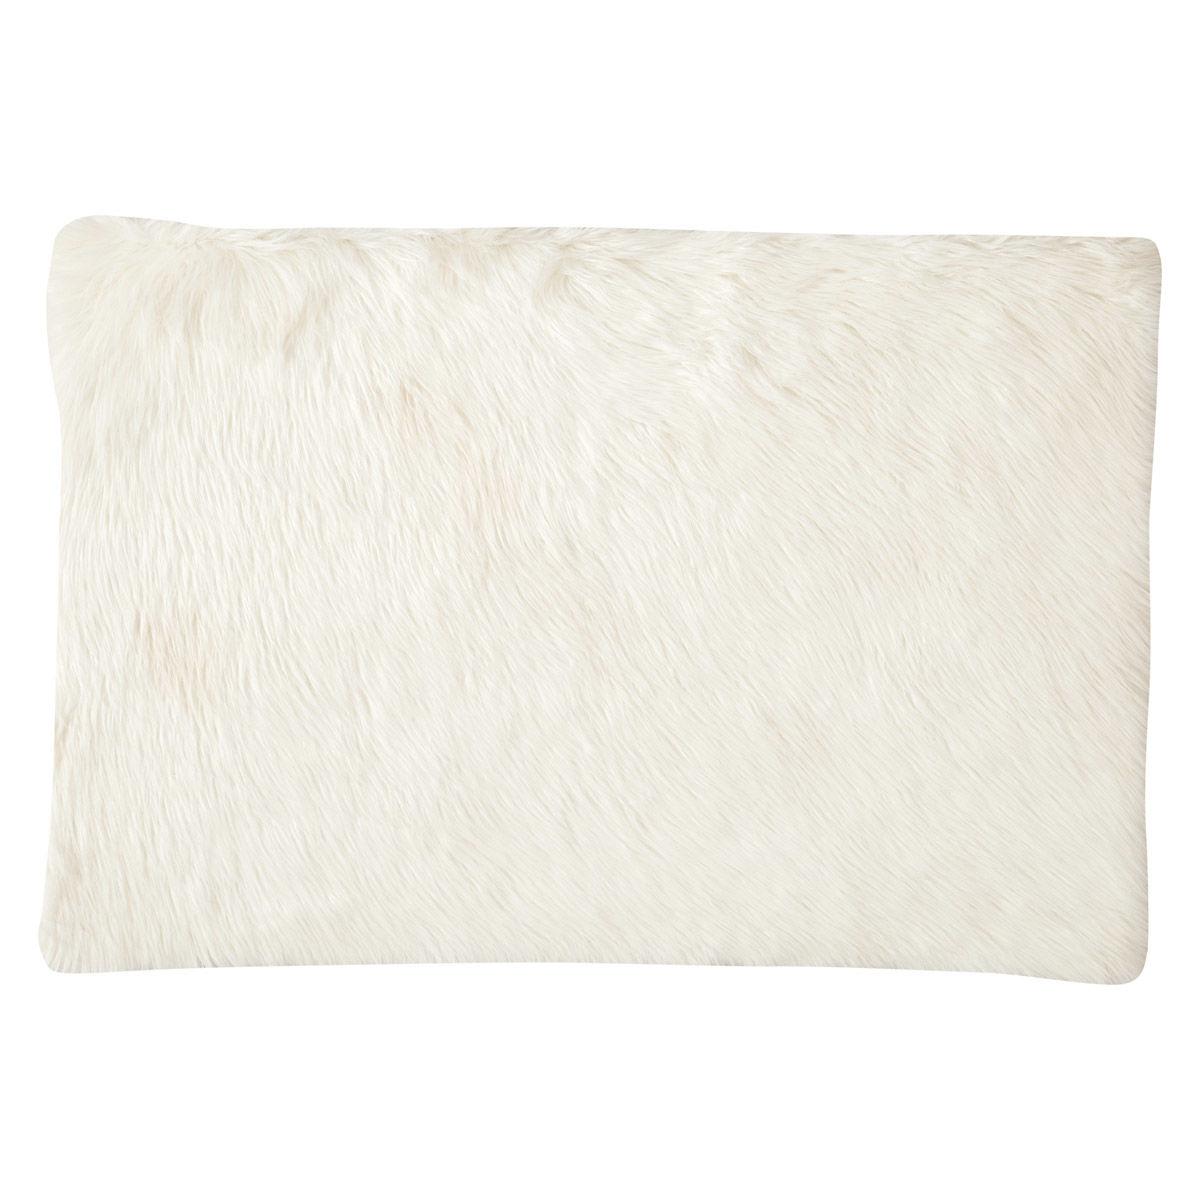 Teppich Aus Kunstfell Weiss 80 X 120 Cm Maisons Du Monde